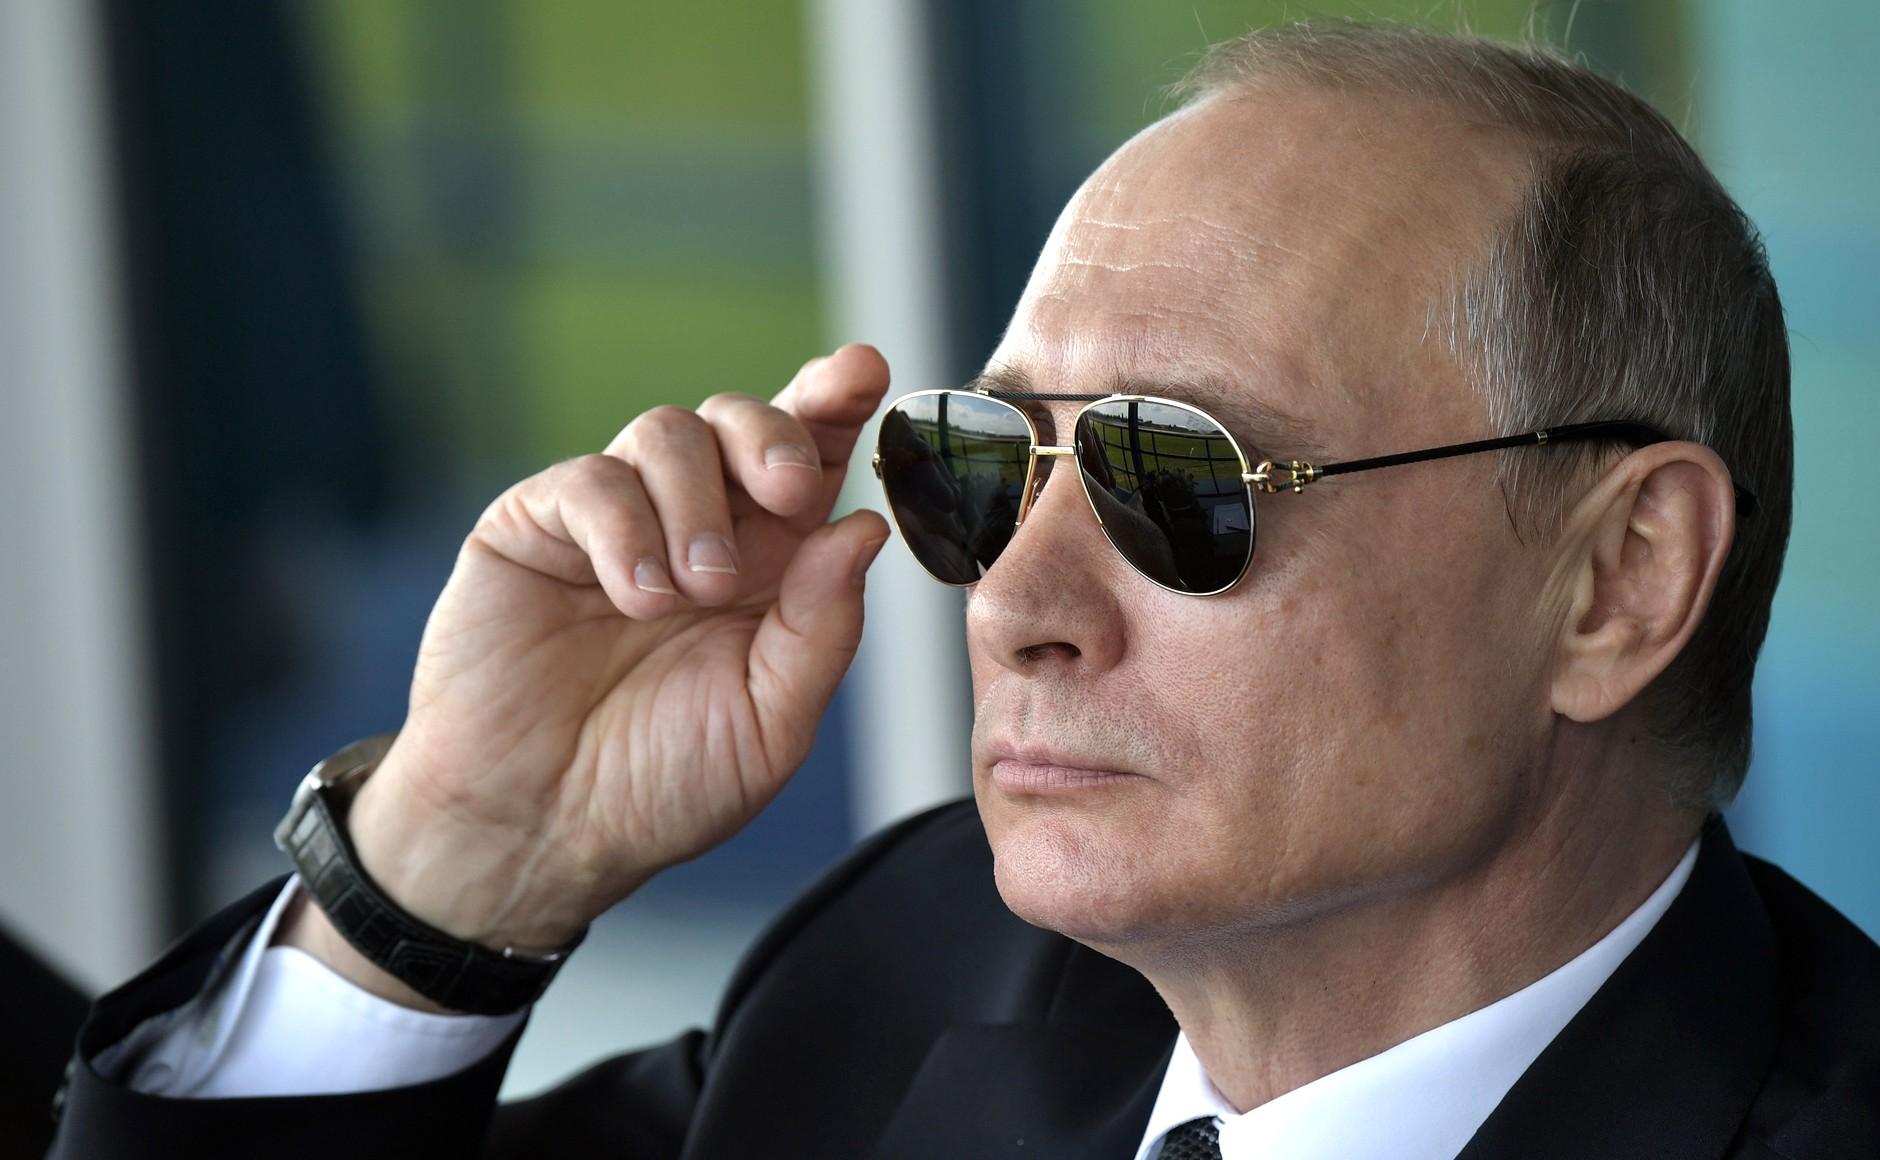 """Державна легітимність у """"Малоросії"""" буде ще меншою, ніж у ОРДЛО"""